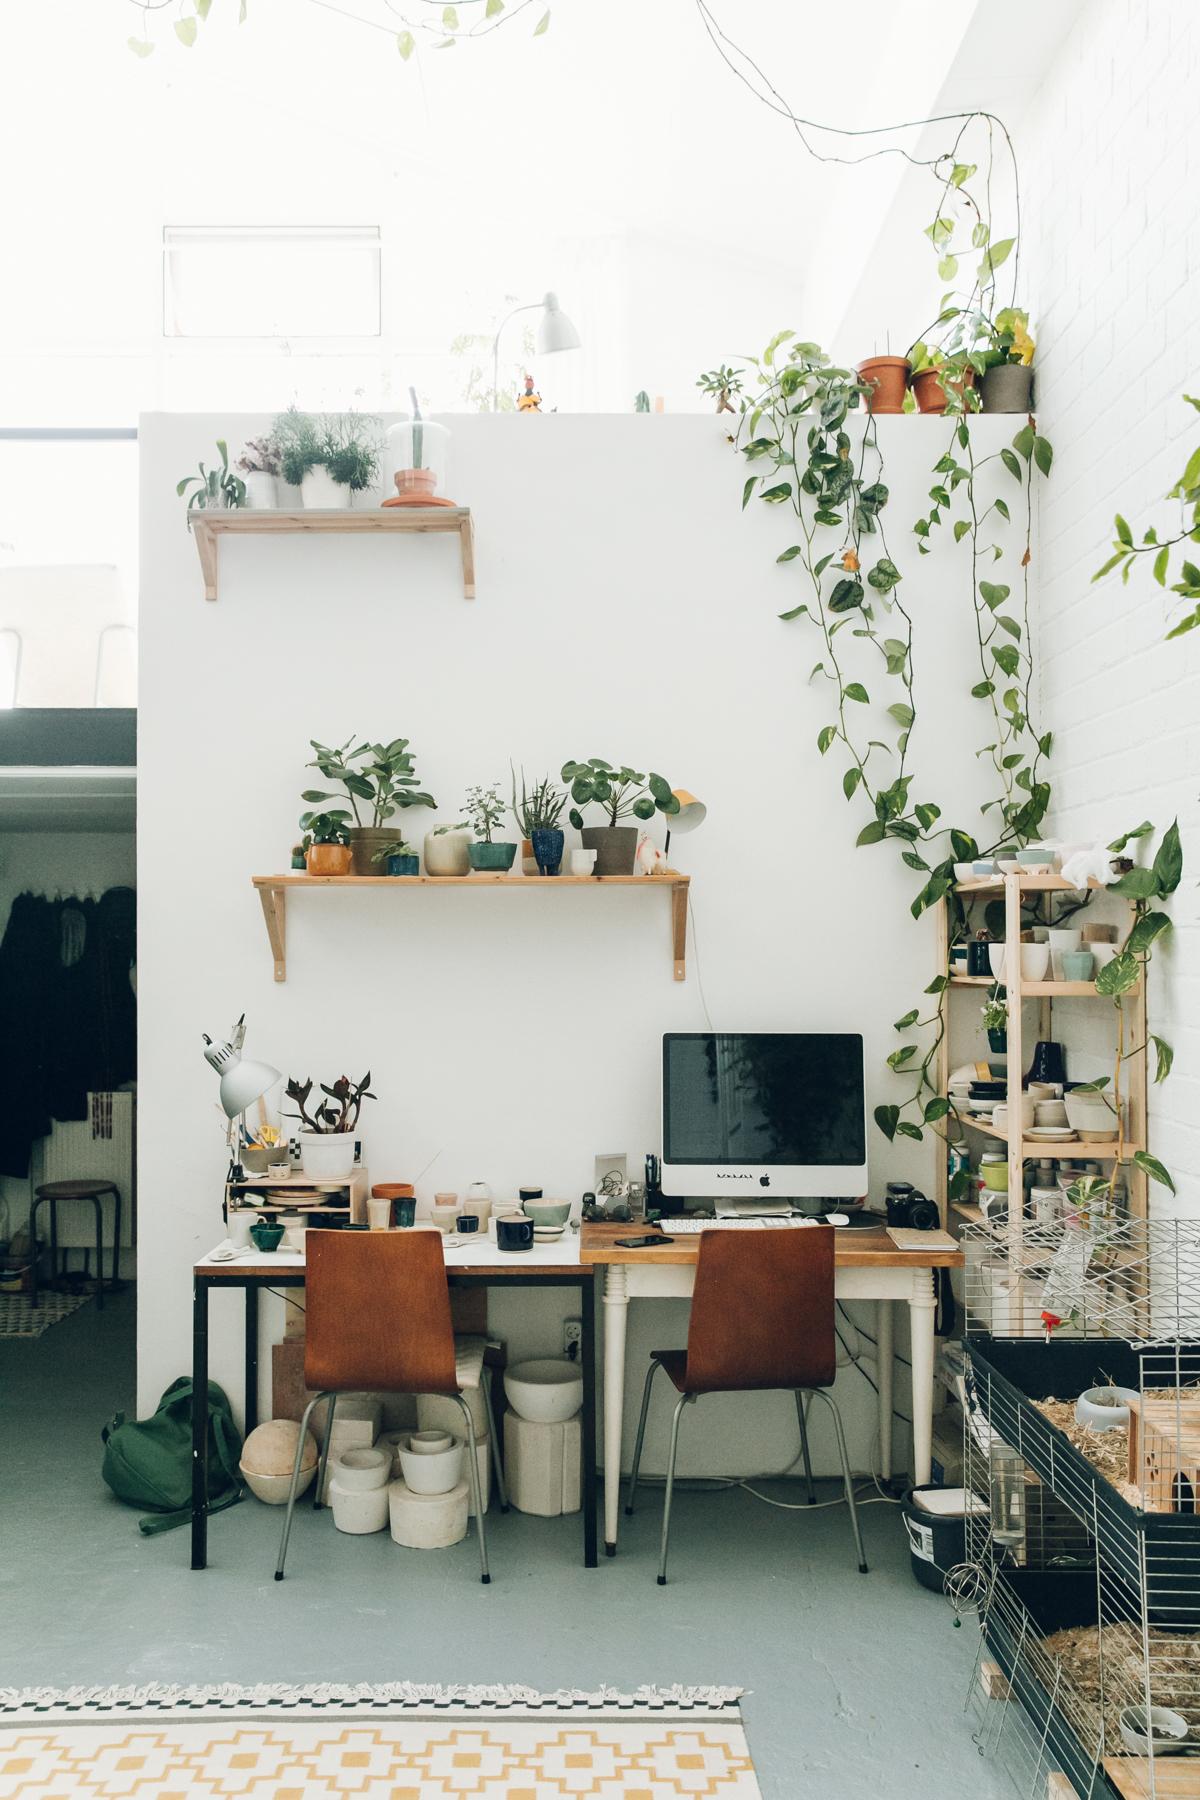 Inside Studio Hear Hear's ceramic studio in Amsterdam.